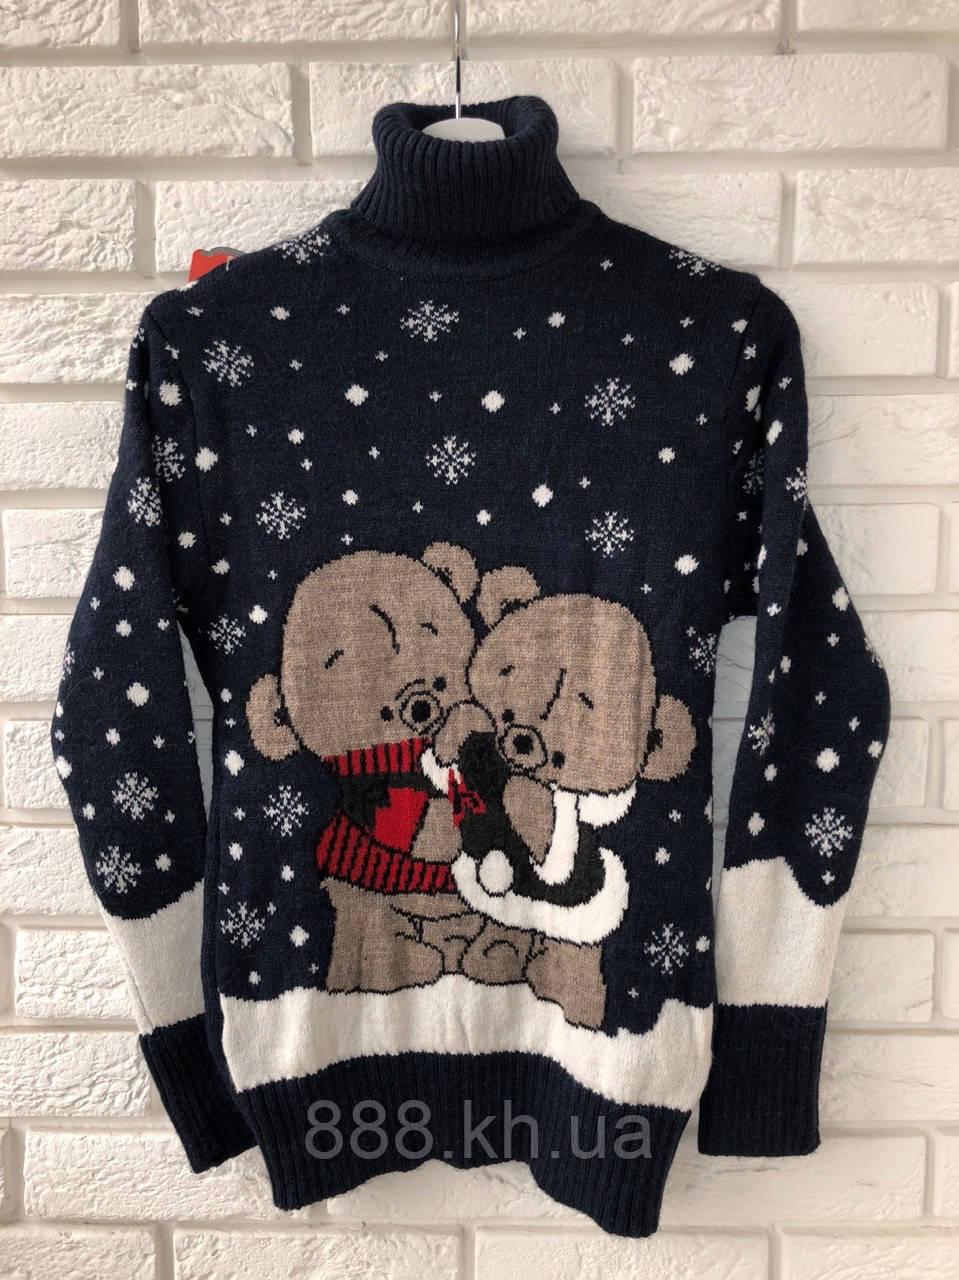 Нарядный шерстяной женский свитер с медвежатами (вязка)